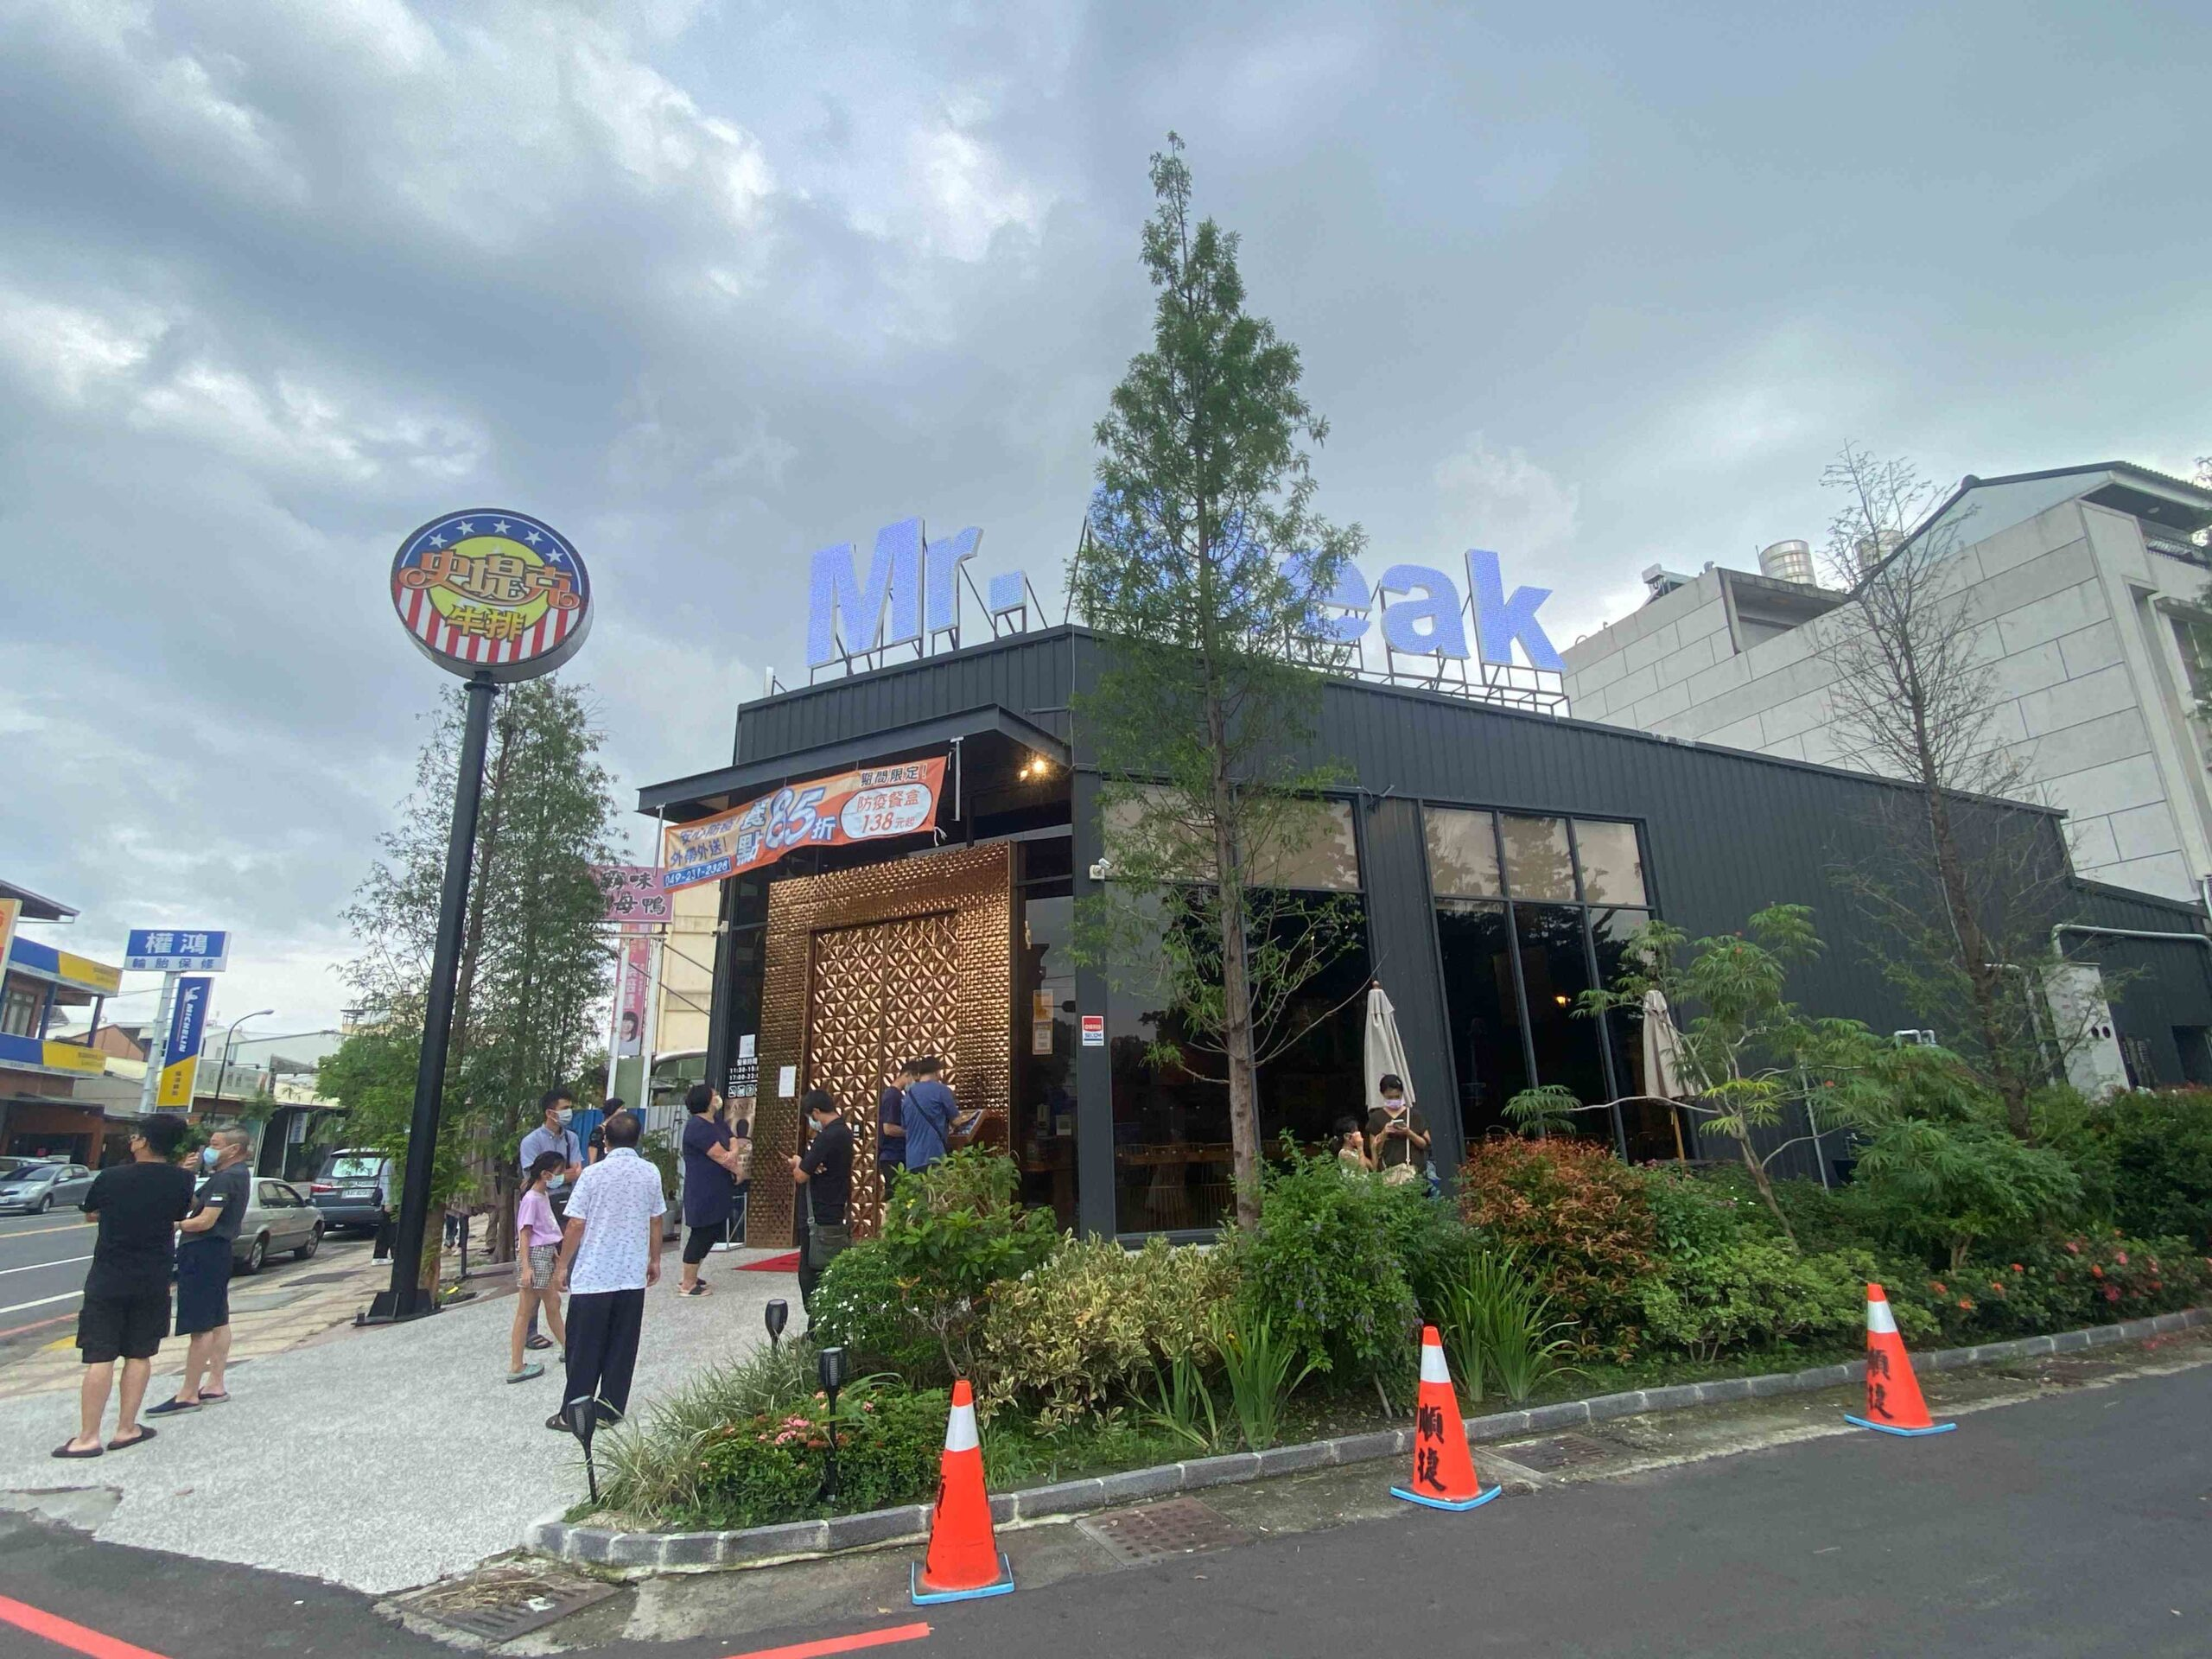 【南投 草屯】Mr. Steak史提克牛排~家人聚餐的好地方